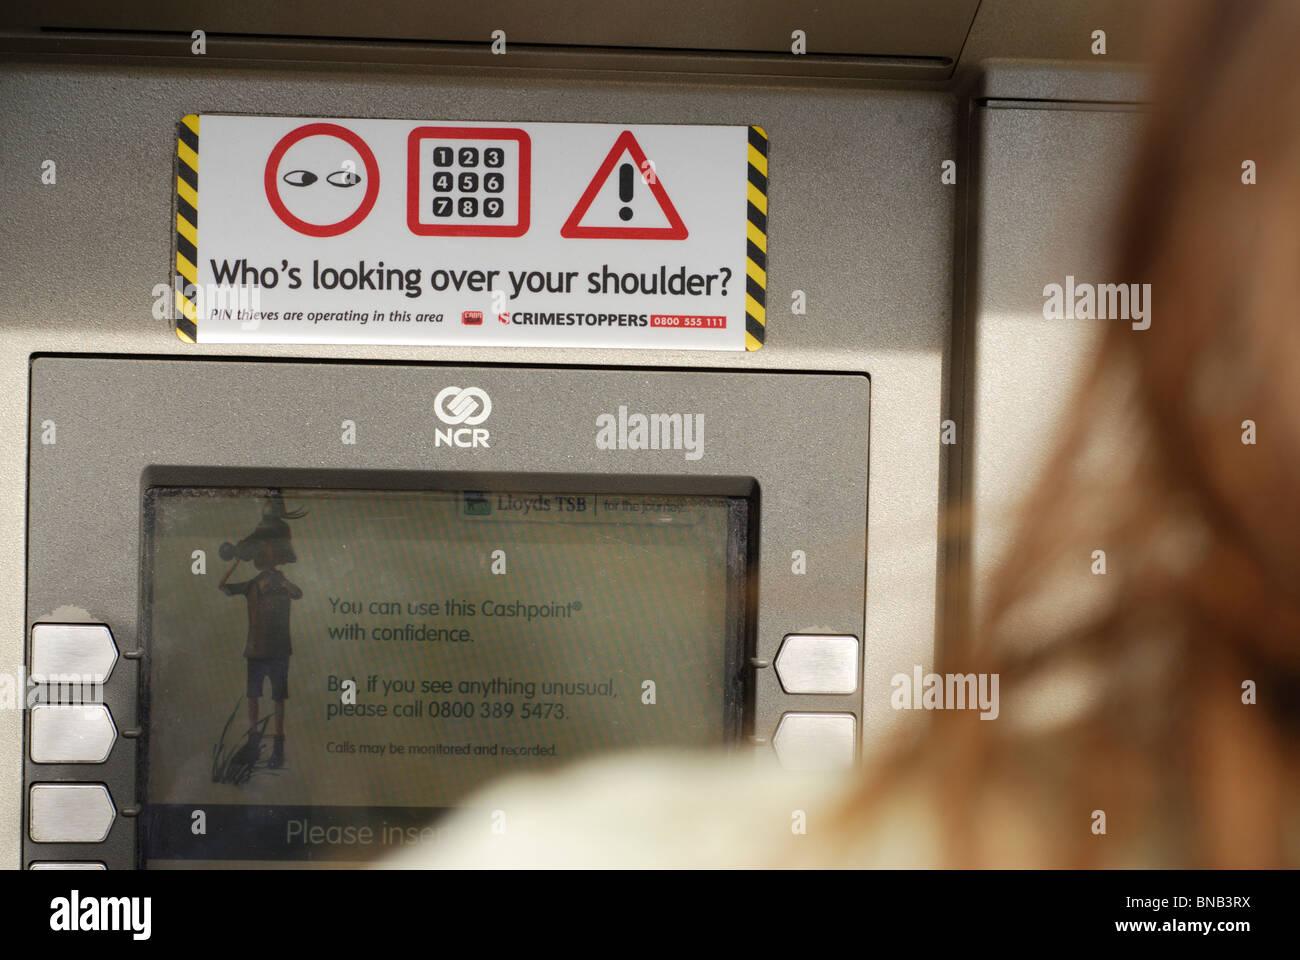 Cajero automático ATM mirando por encima del hombro Imagen De Stock